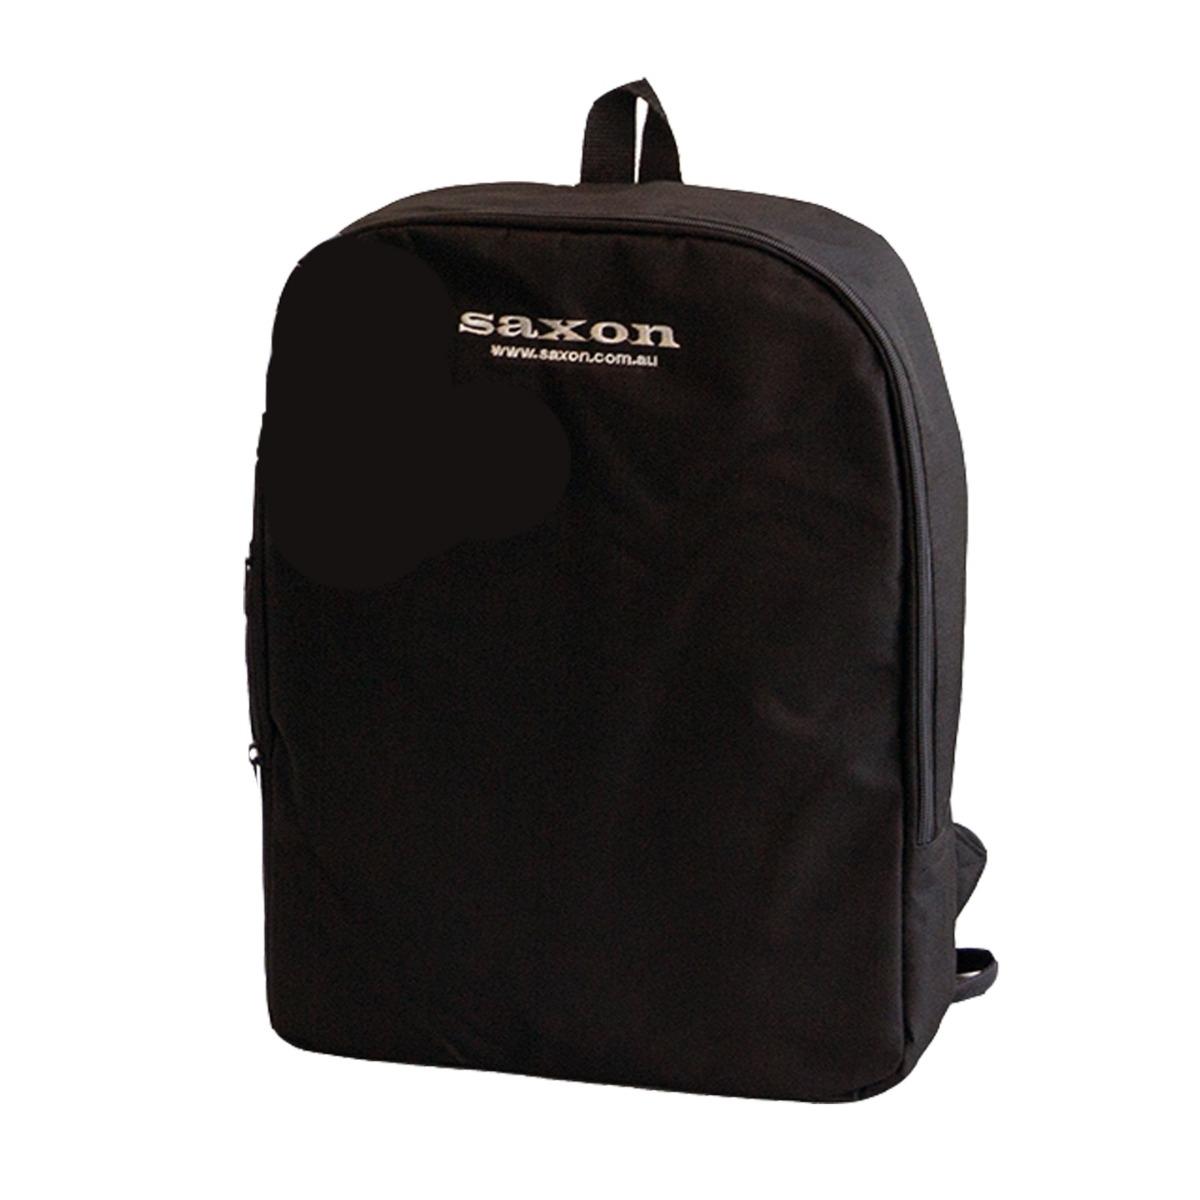 saxon Traveller Telescope Backpack